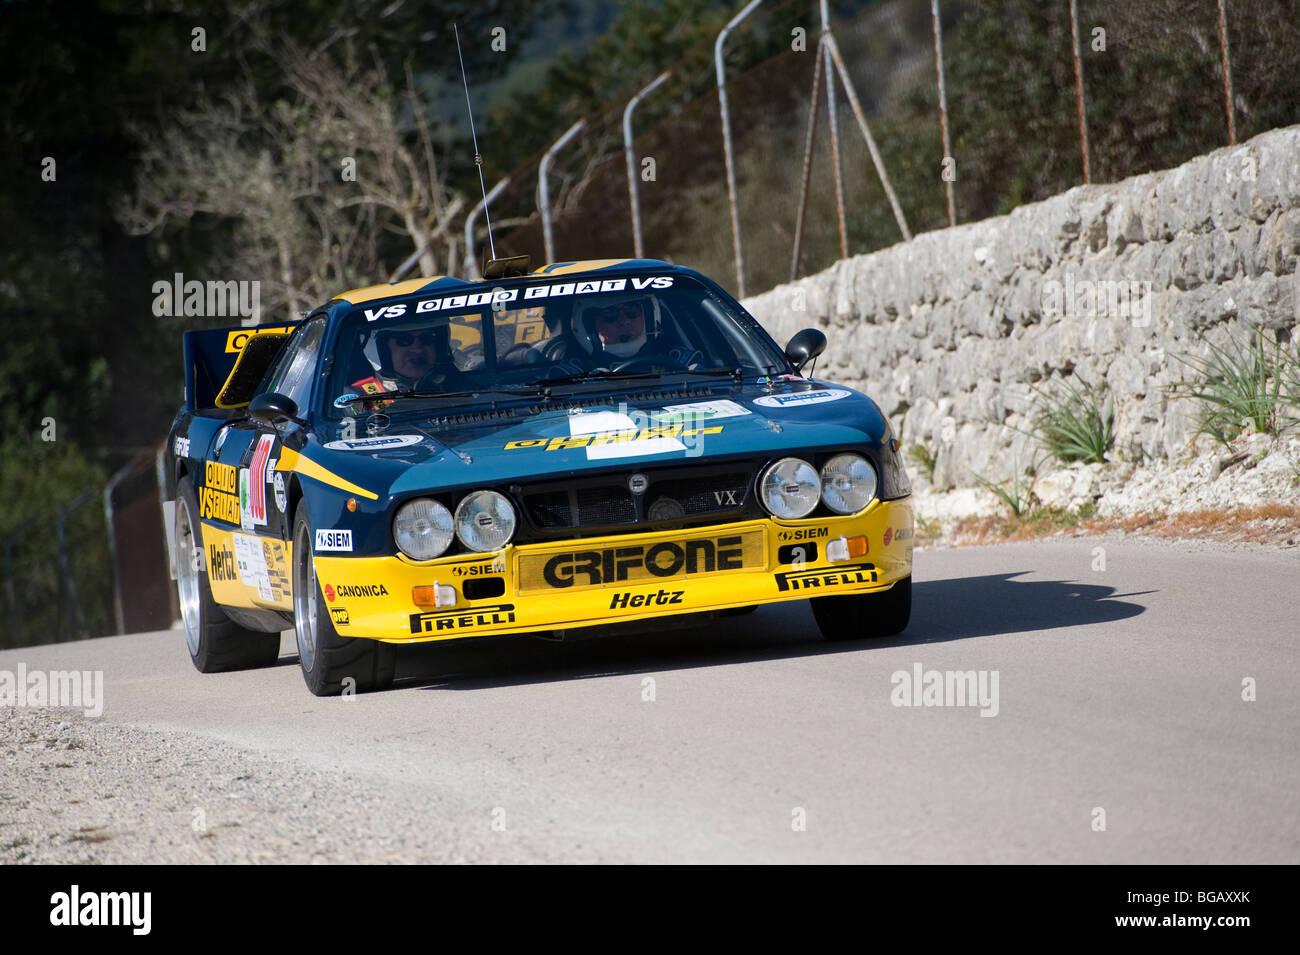 Der Lancia Rally 037 (auch bekannt als Lancia Abarth #037) Rennen in einer Kundgebung in Spanien Stockbild